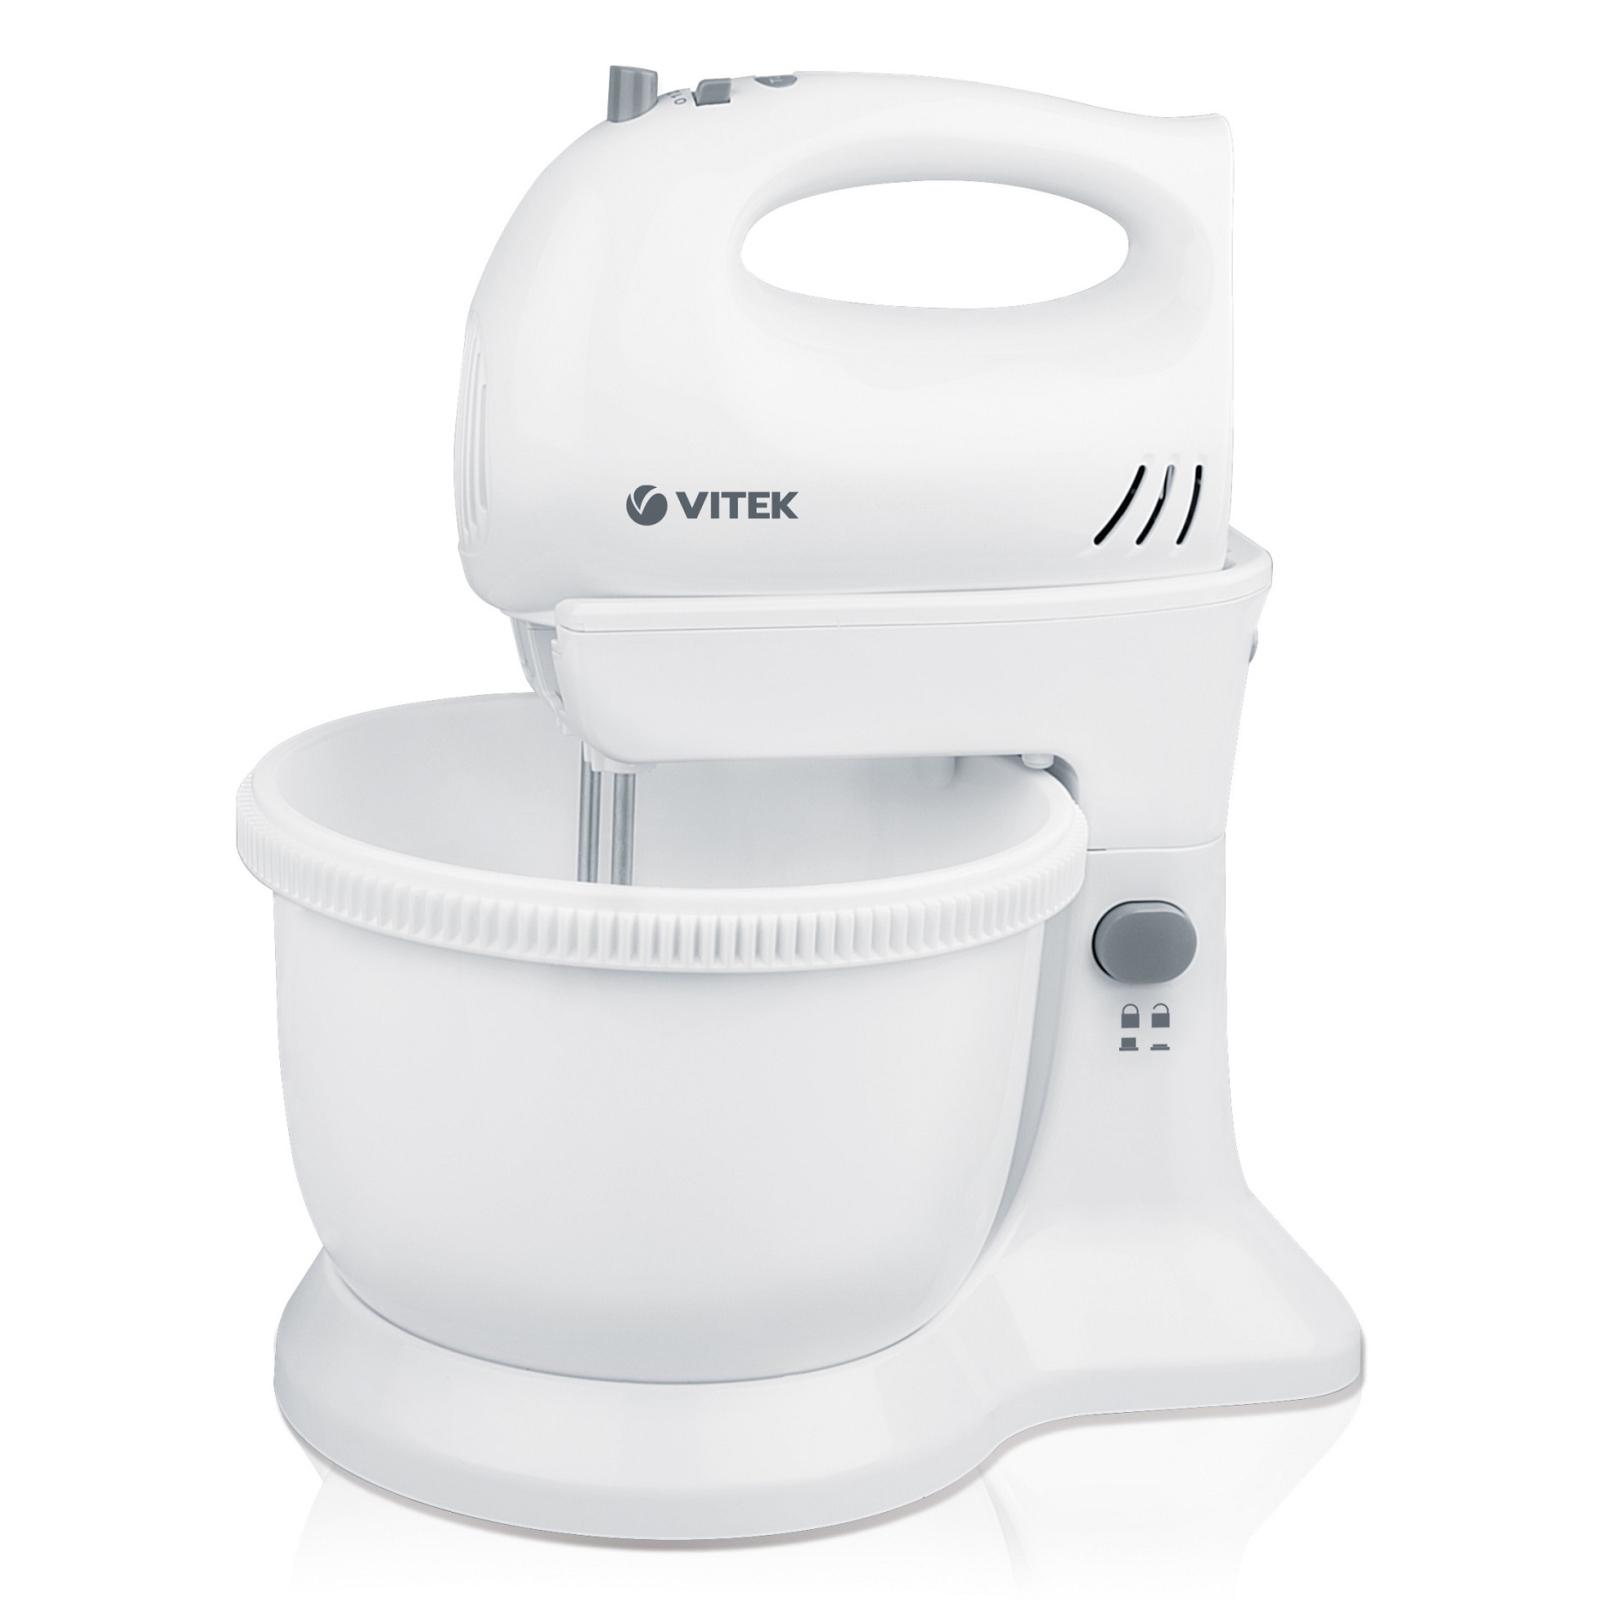 Миксер VITEK VT-1409 изображение 2